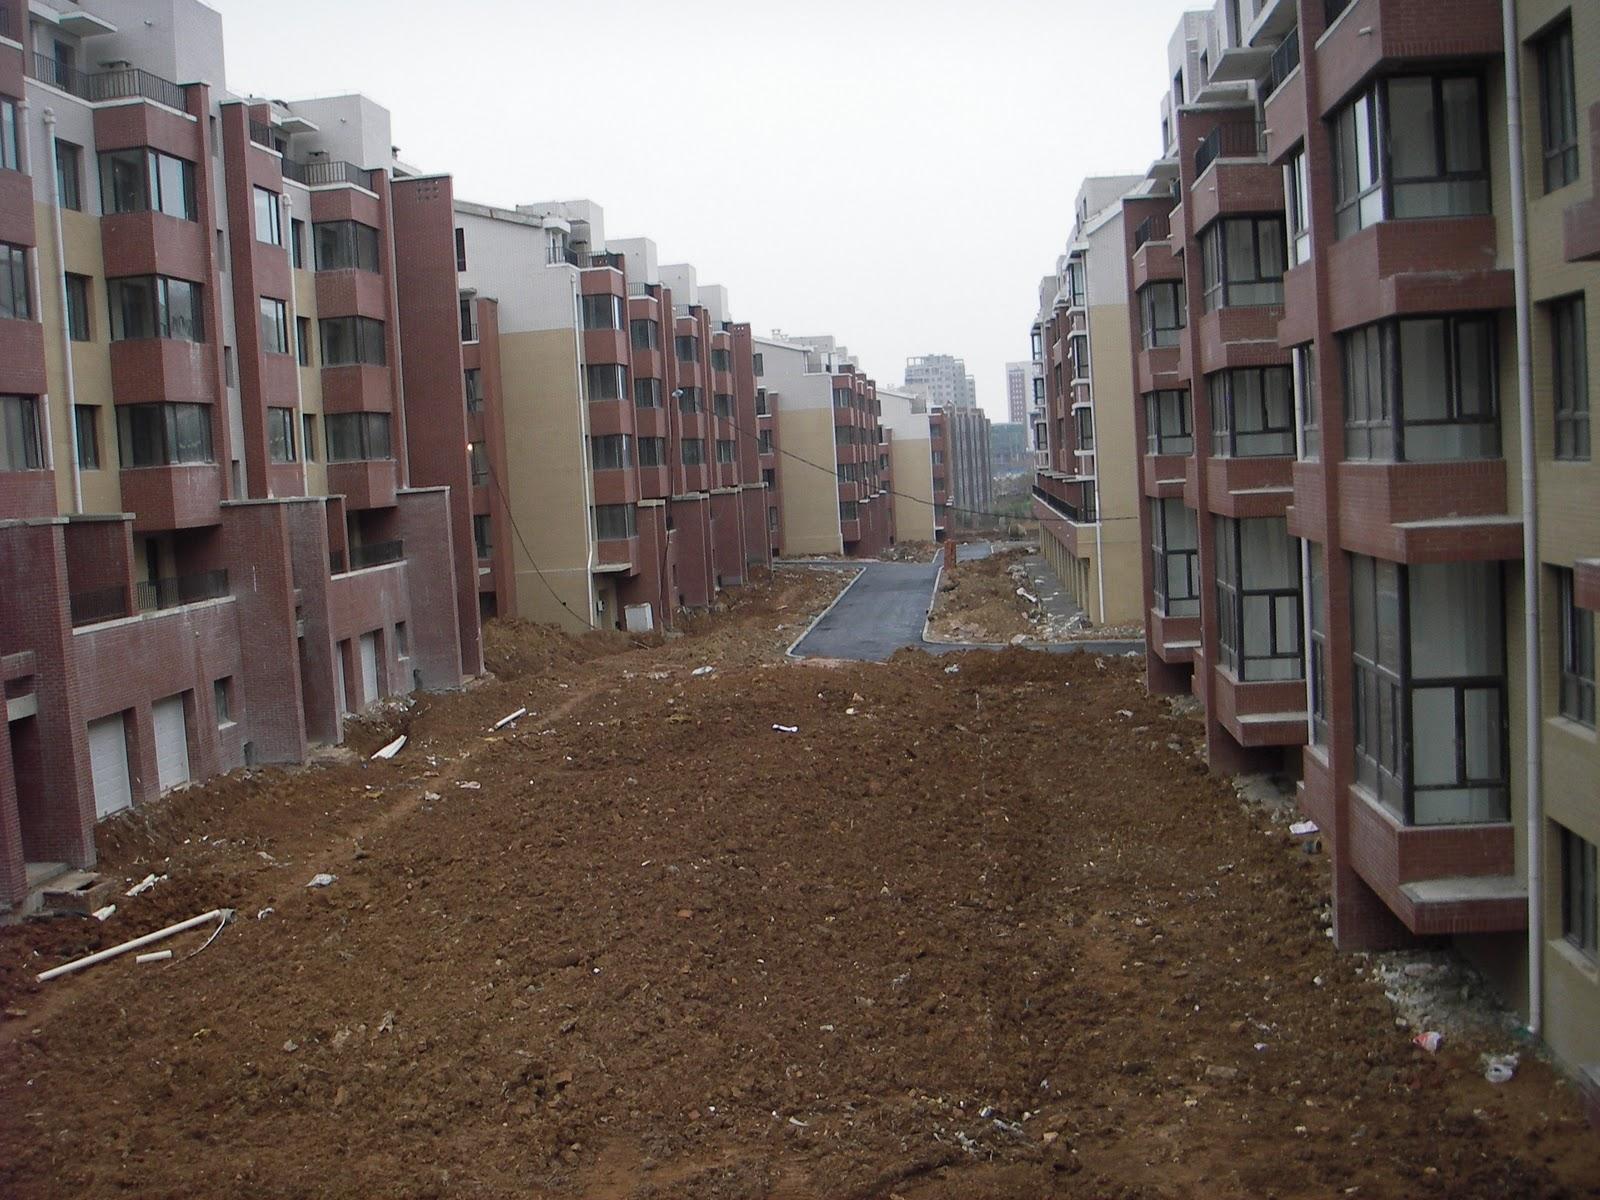 Shenyang Blog: Sunday Walk